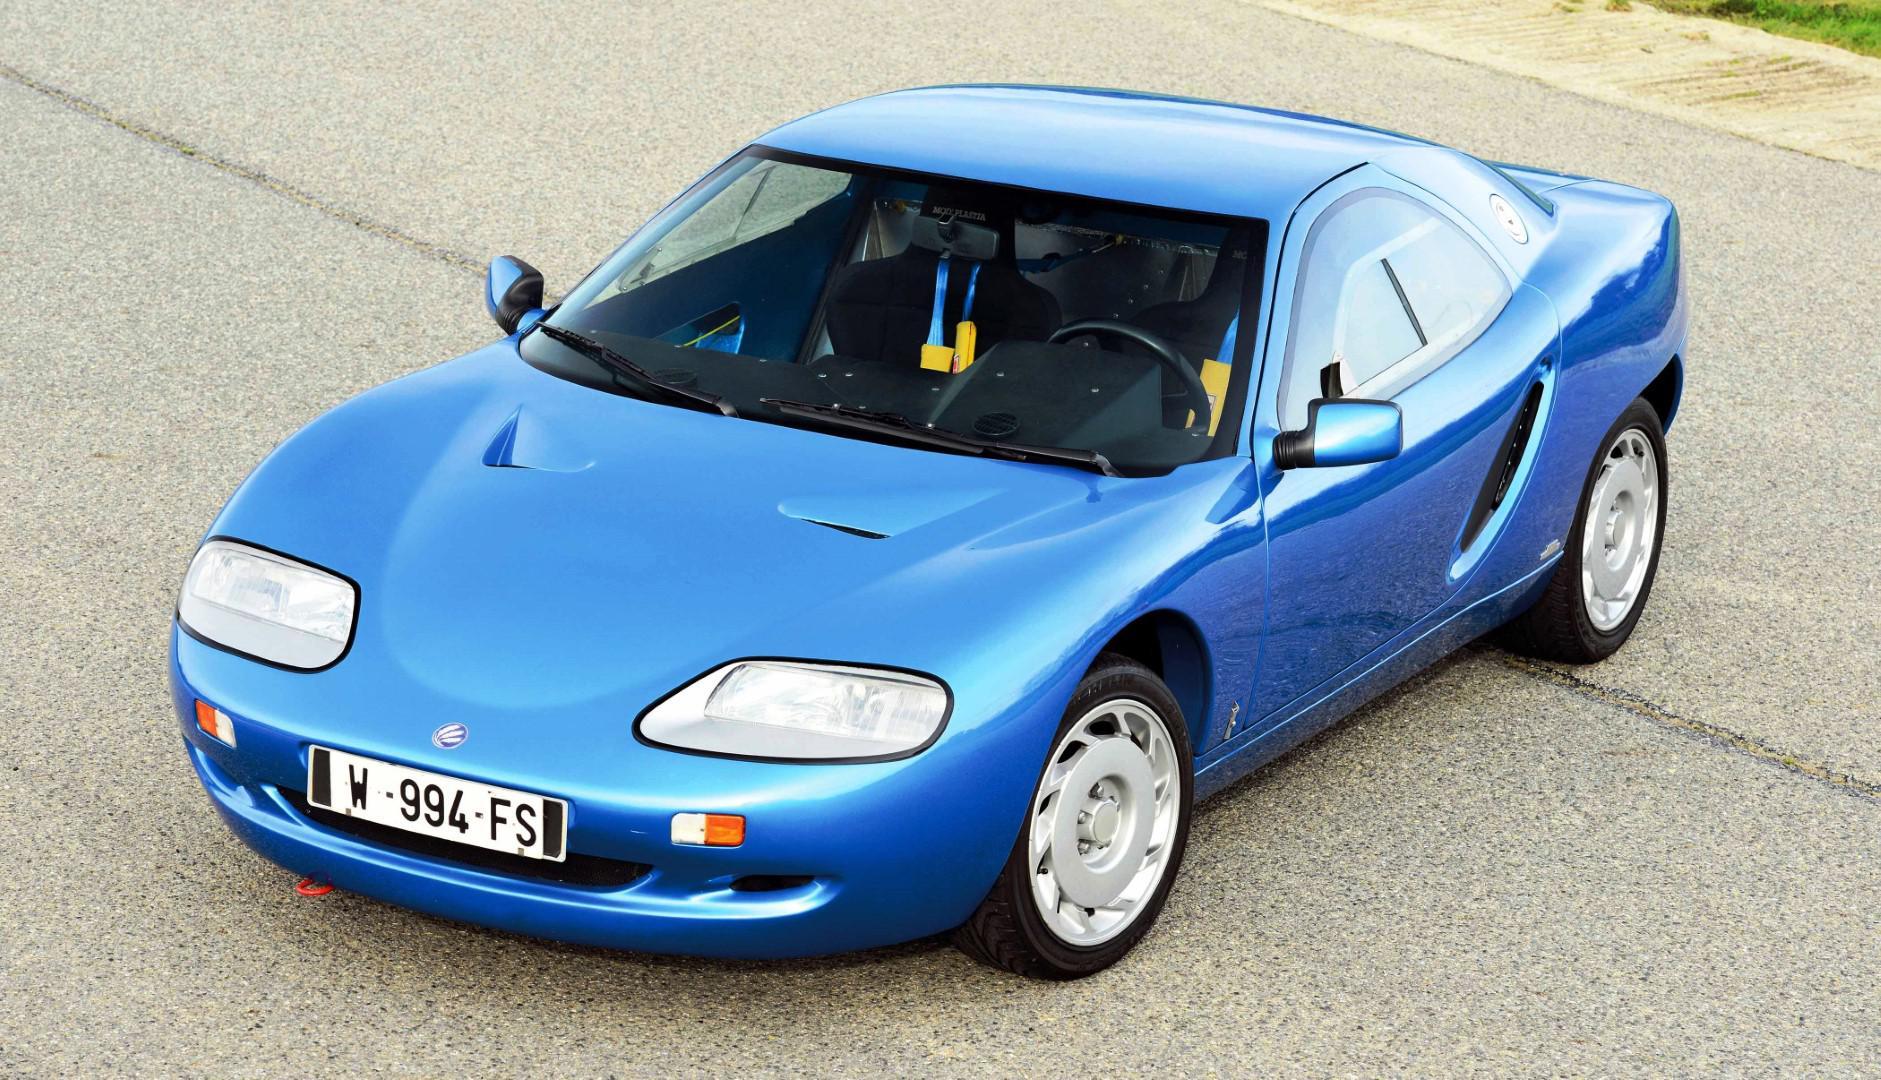 voitures-de-sports-qui-auront-25-ans-aujourd-hui-1269-50.jpg